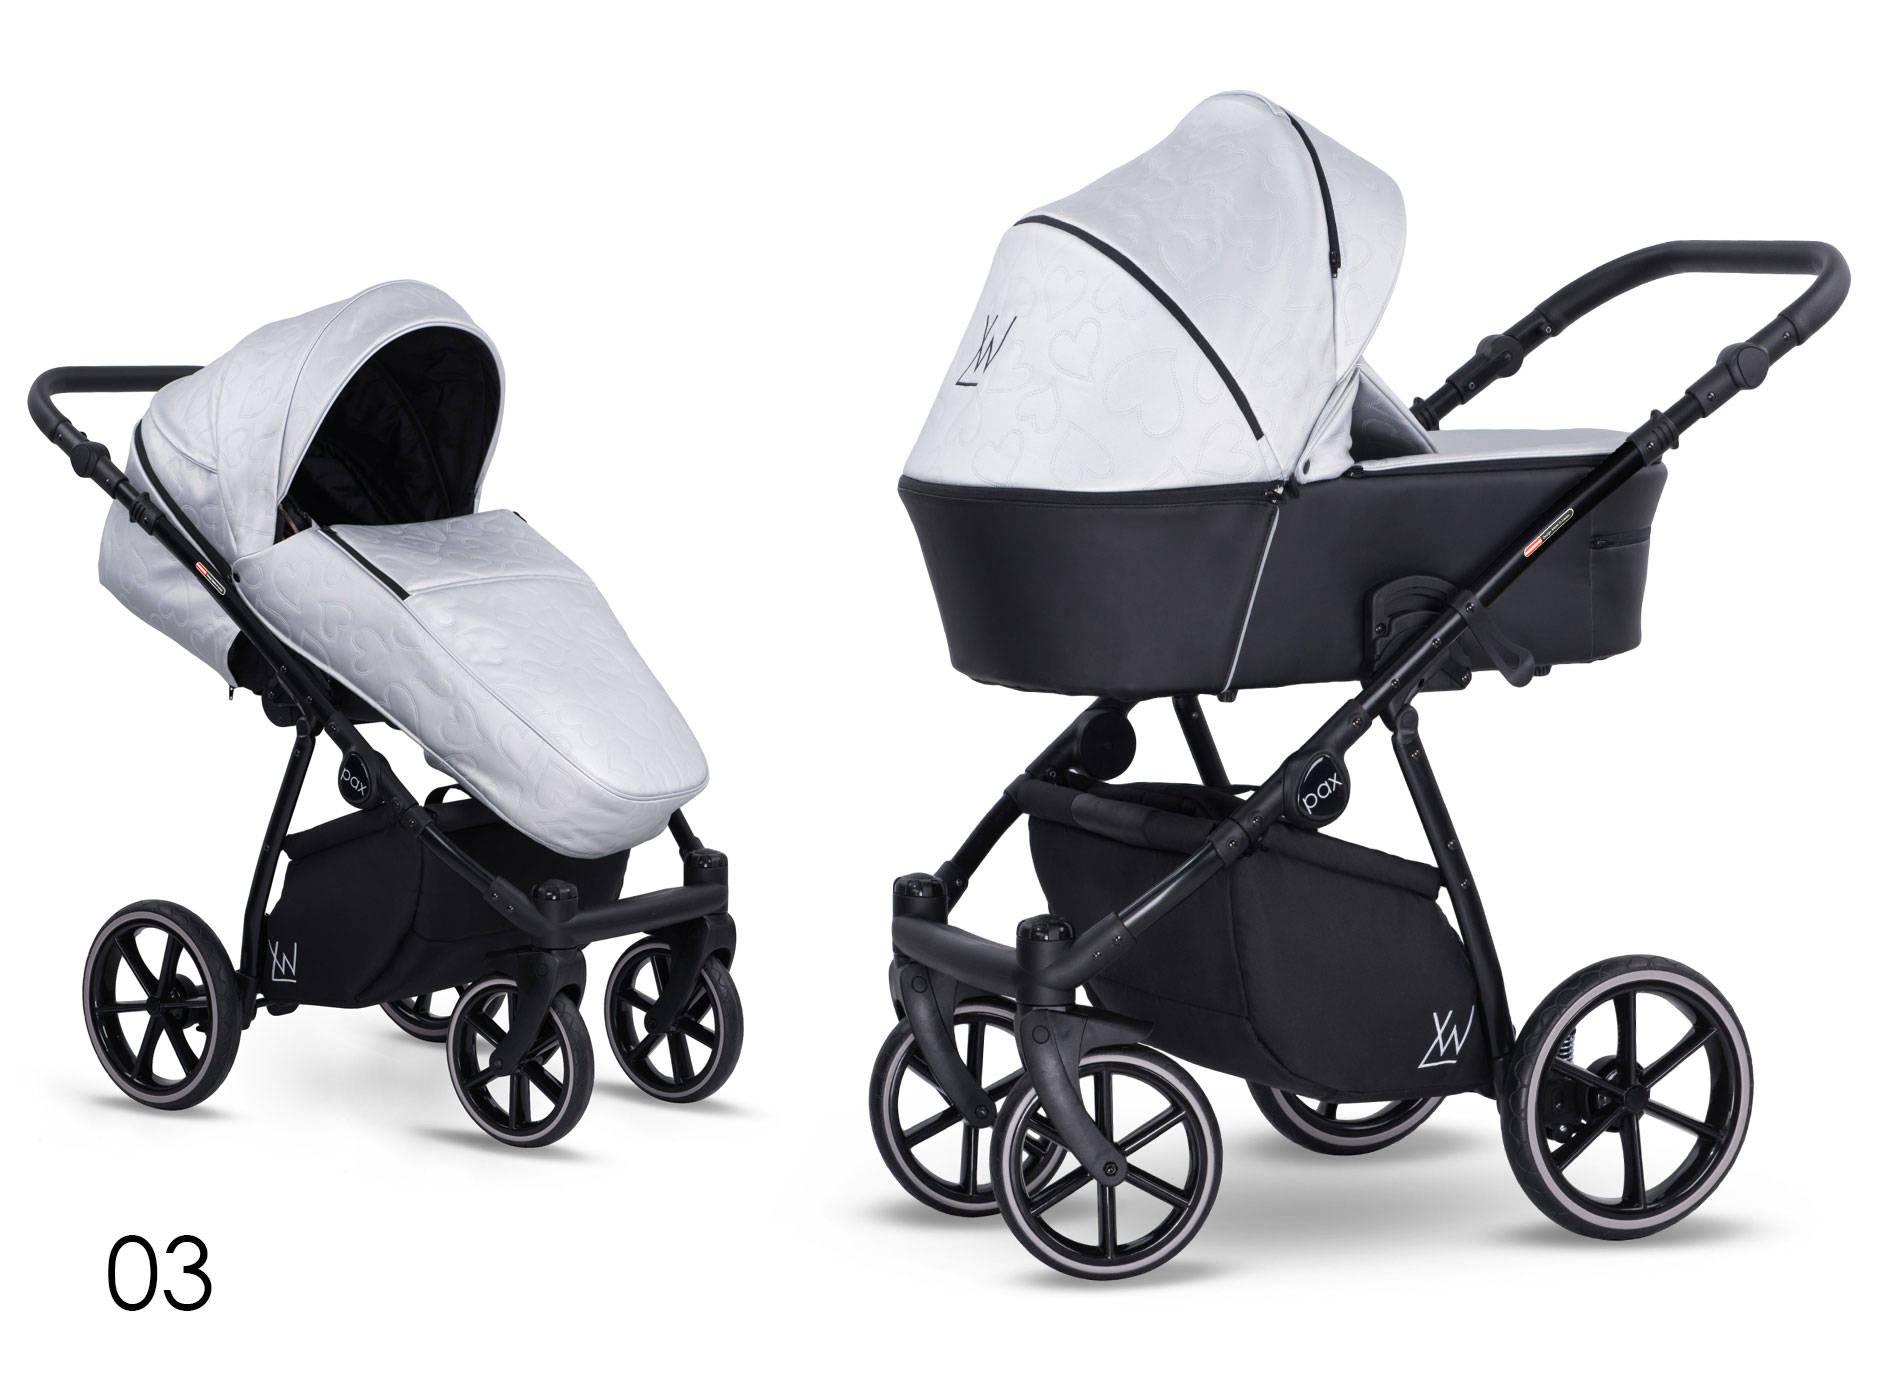 wielofunkcyjny dziecięcy wózek Lonex  Eco Pax czarny